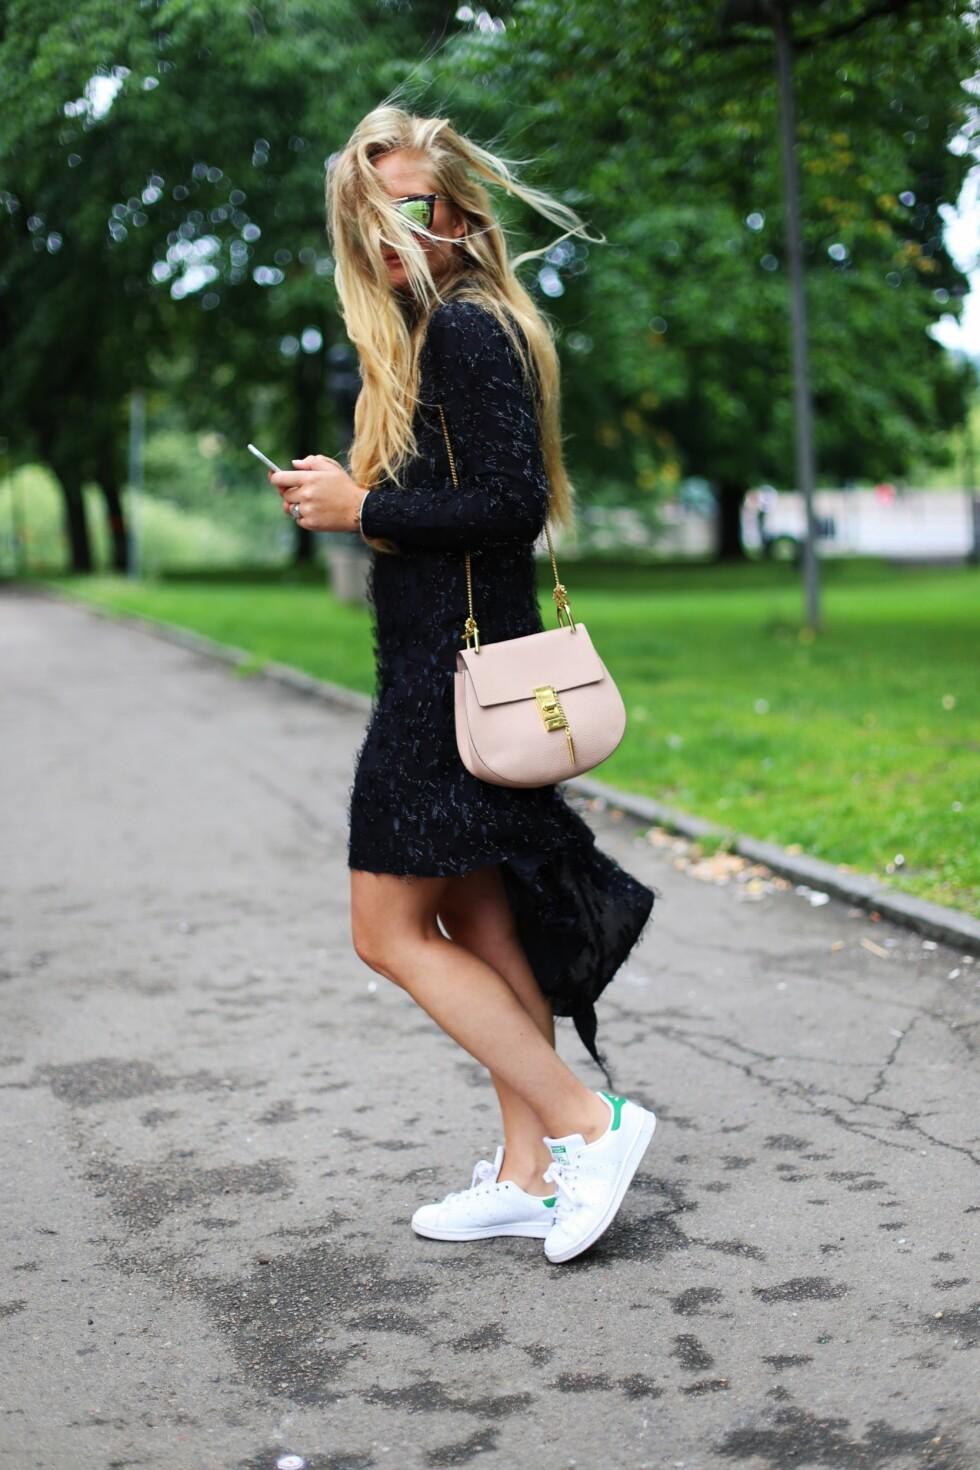 Foto: Nathaliehelgerud.com